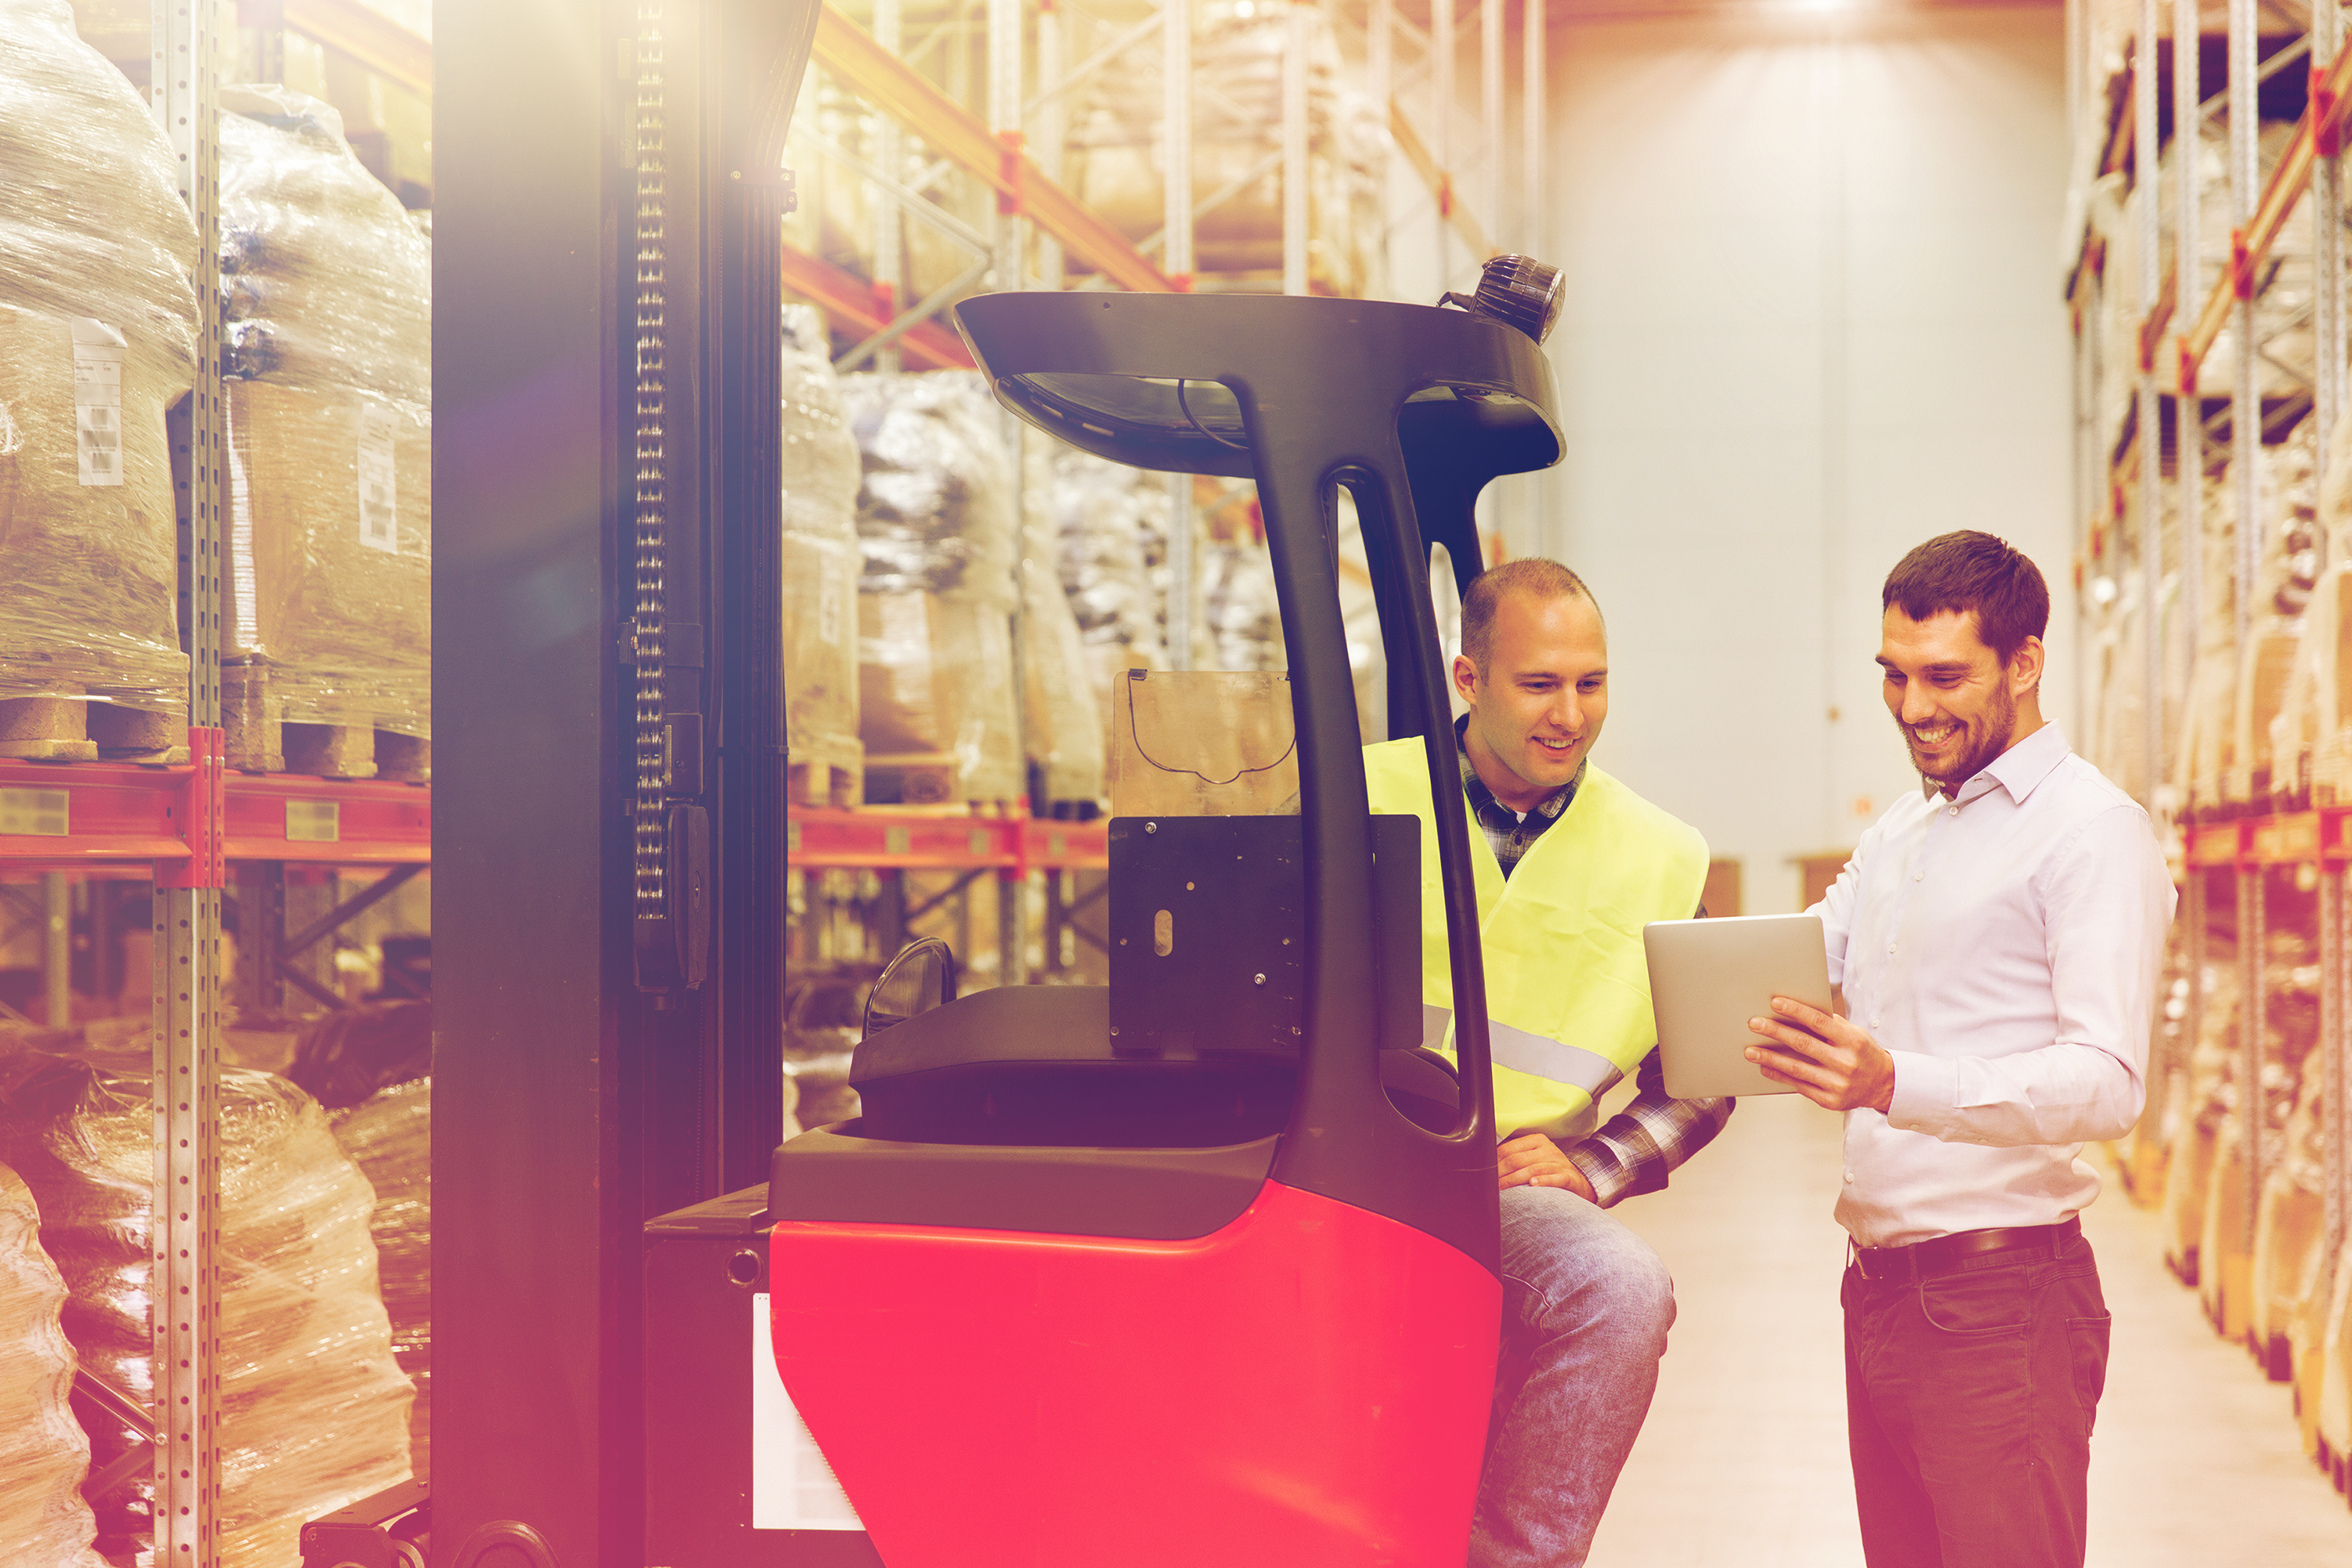 Heeft uw transportbedrijf nog een server nodig?